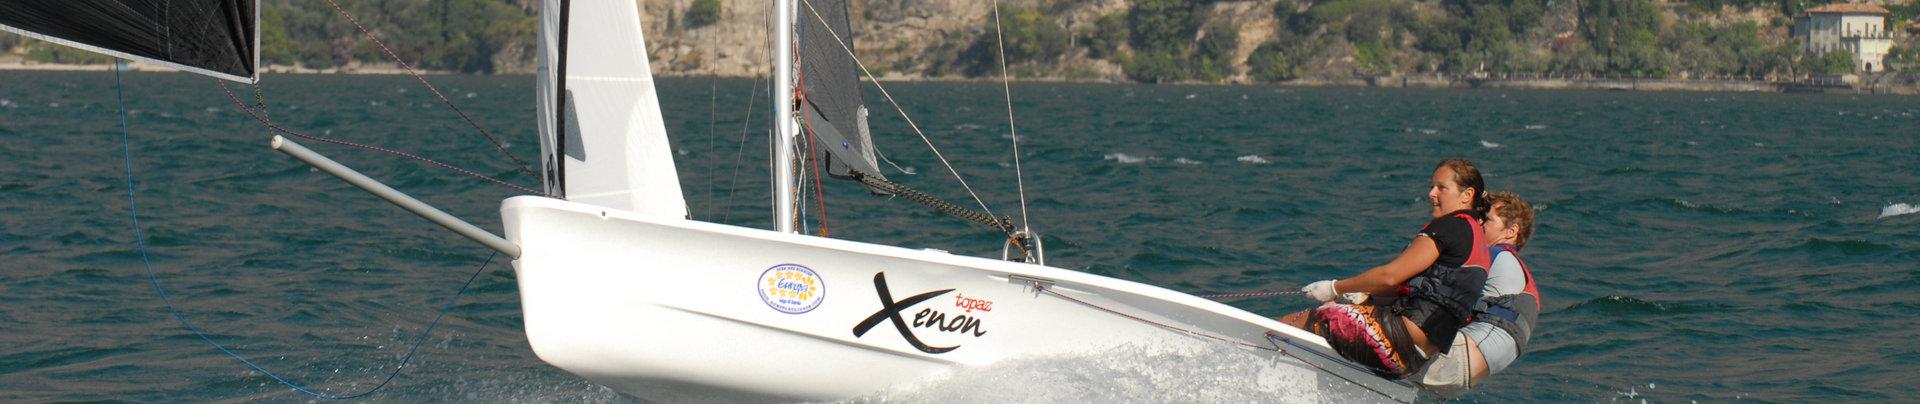 Topaz & Topper Sailboats